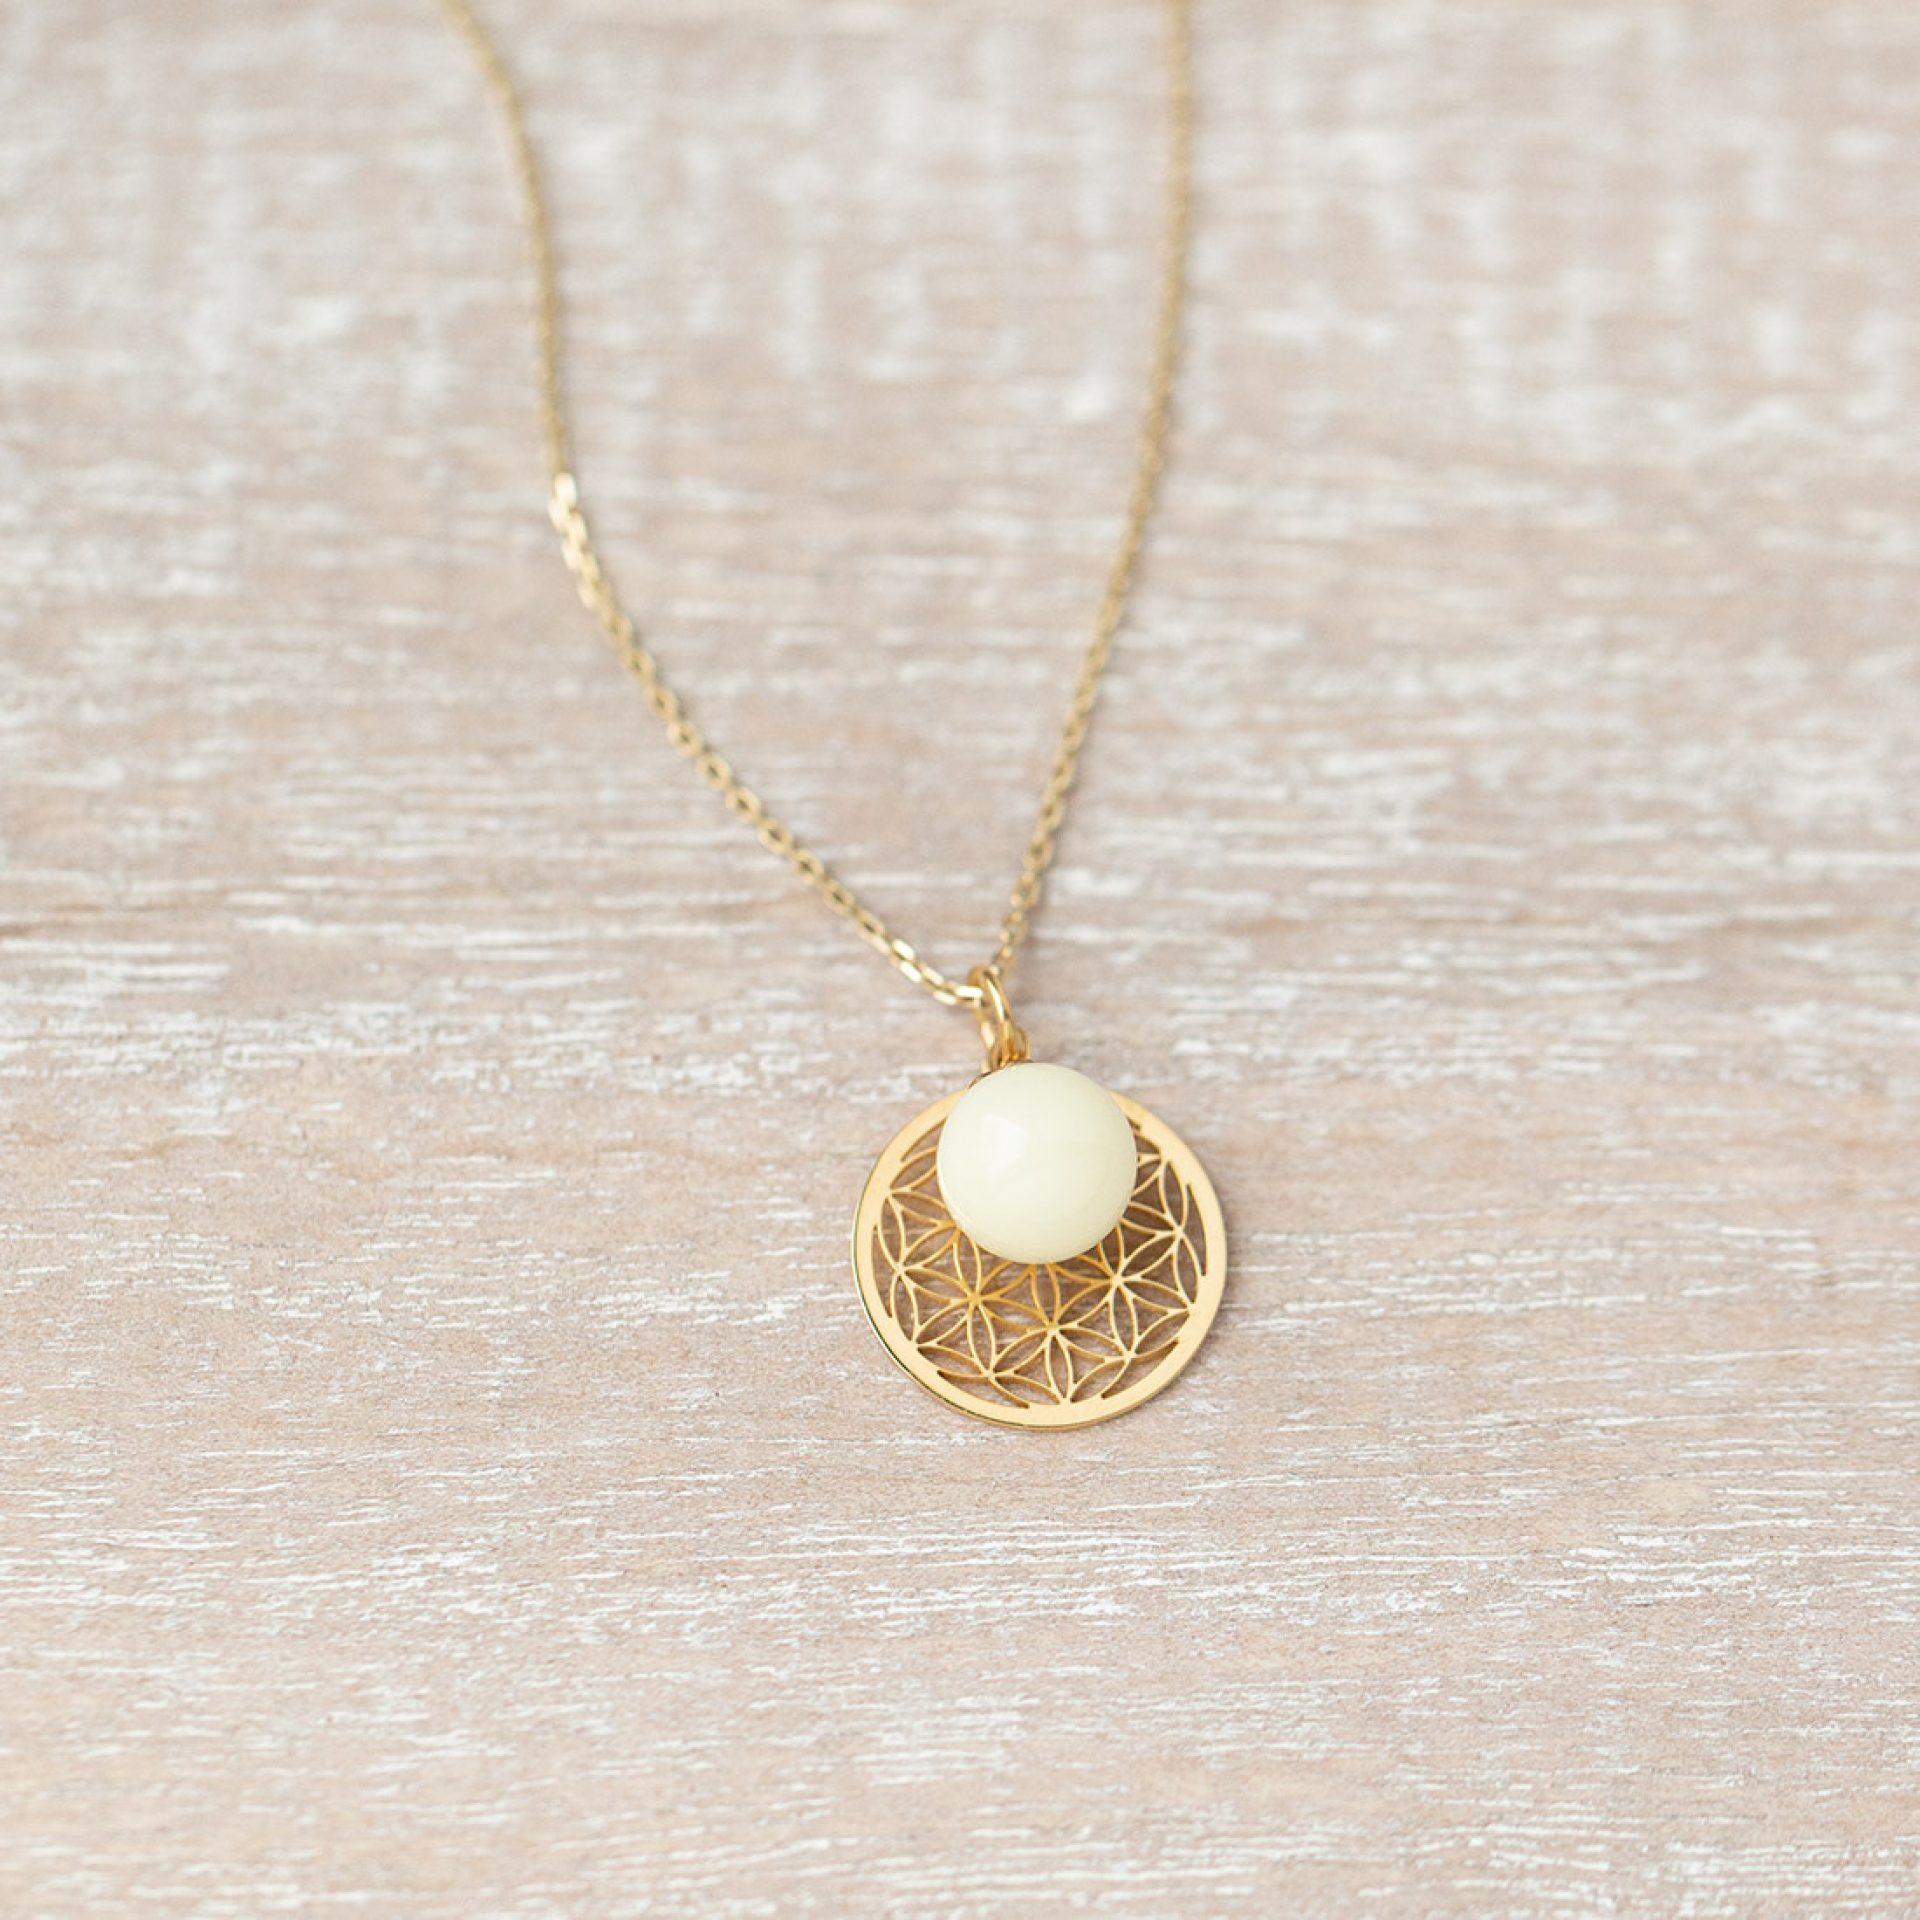 Muttermilchkette mit Lebensblume in Silber oder Gold